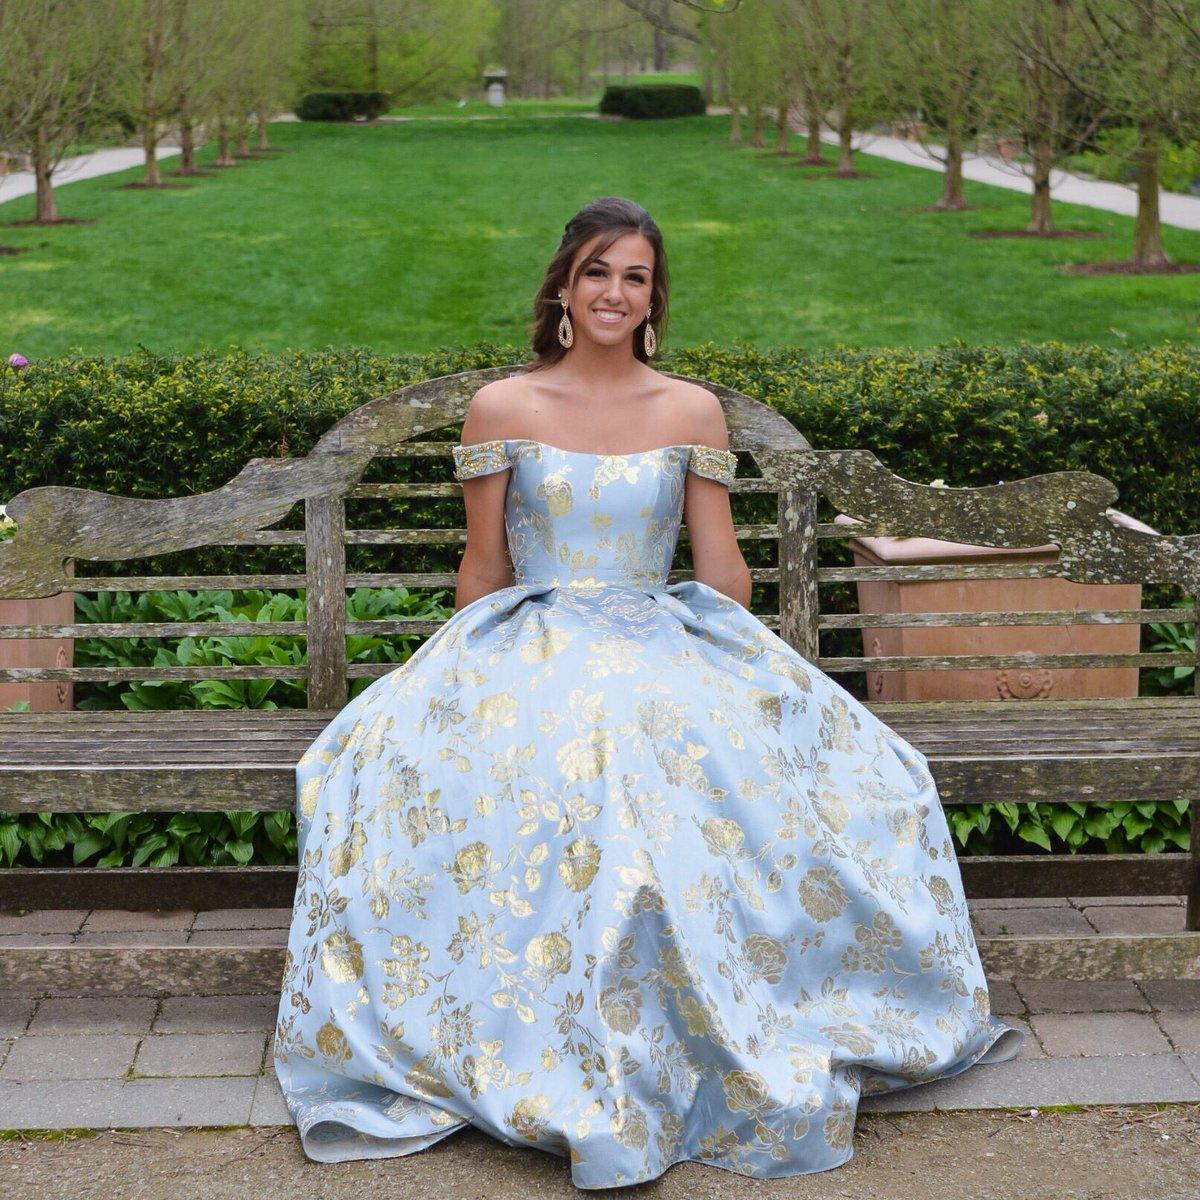 7bbd2c1930 Bridal And Formal Club Dresses - Gomes Weine AG